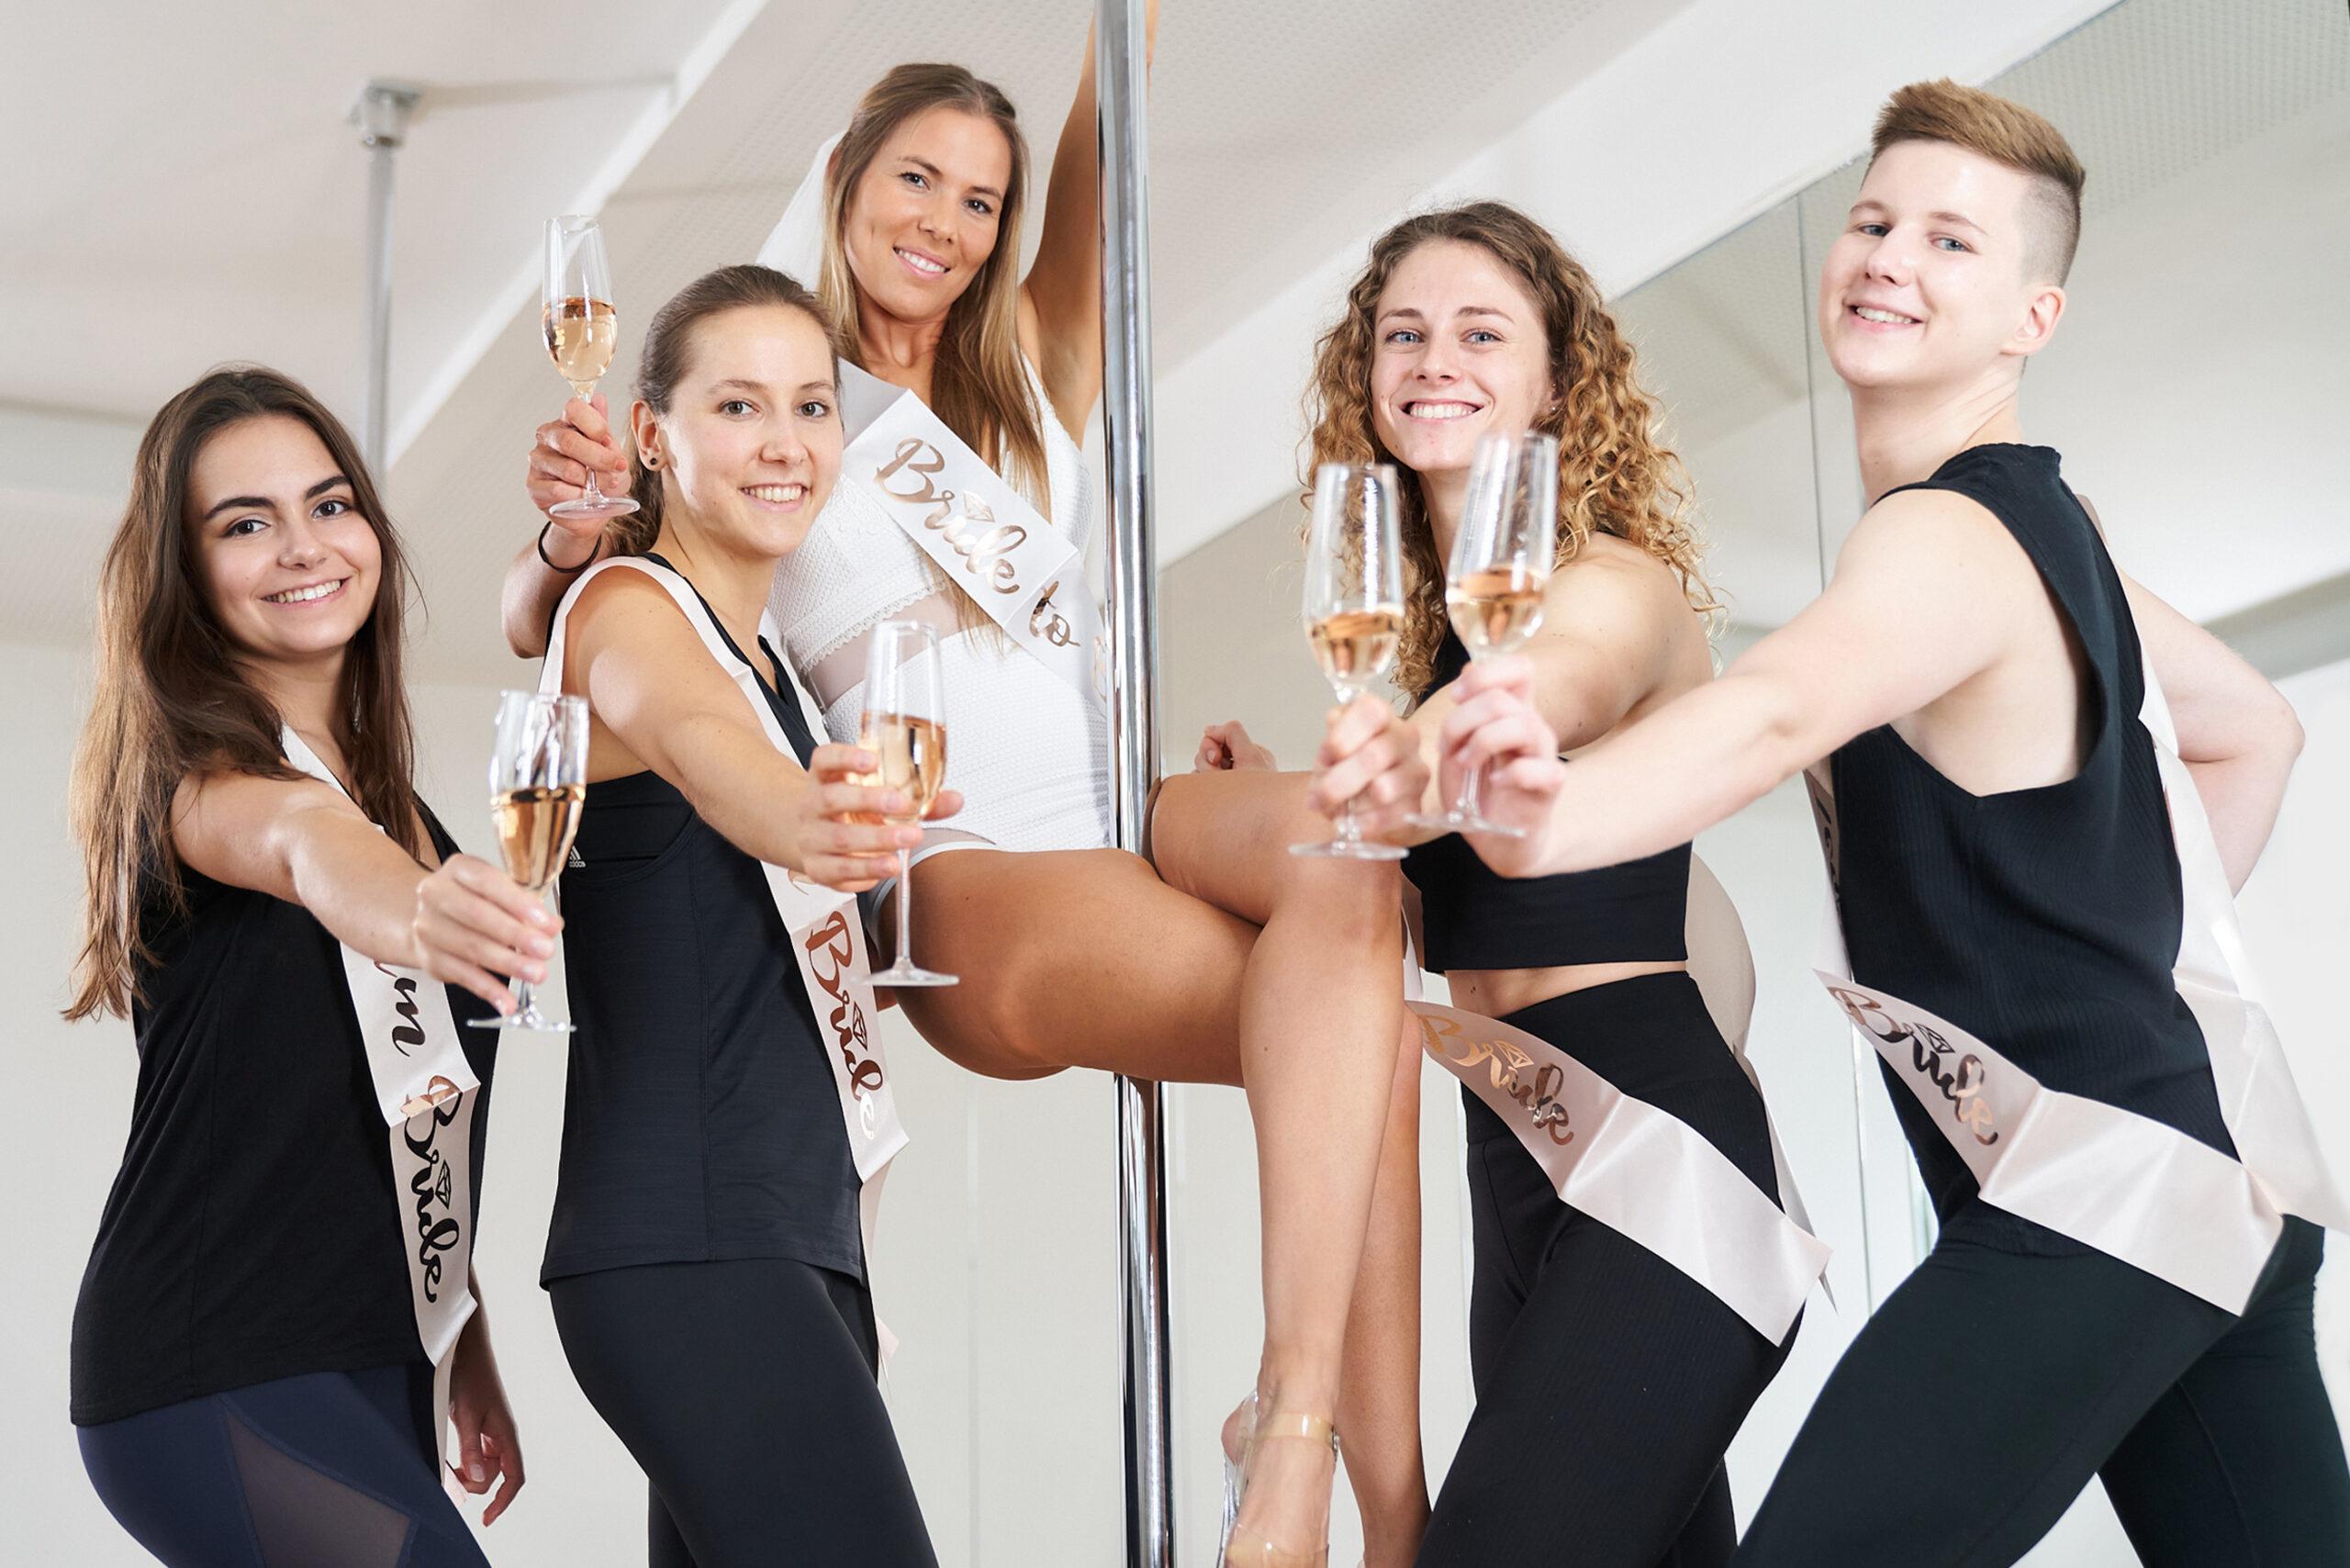 munich-poledance-junggesellenabschied